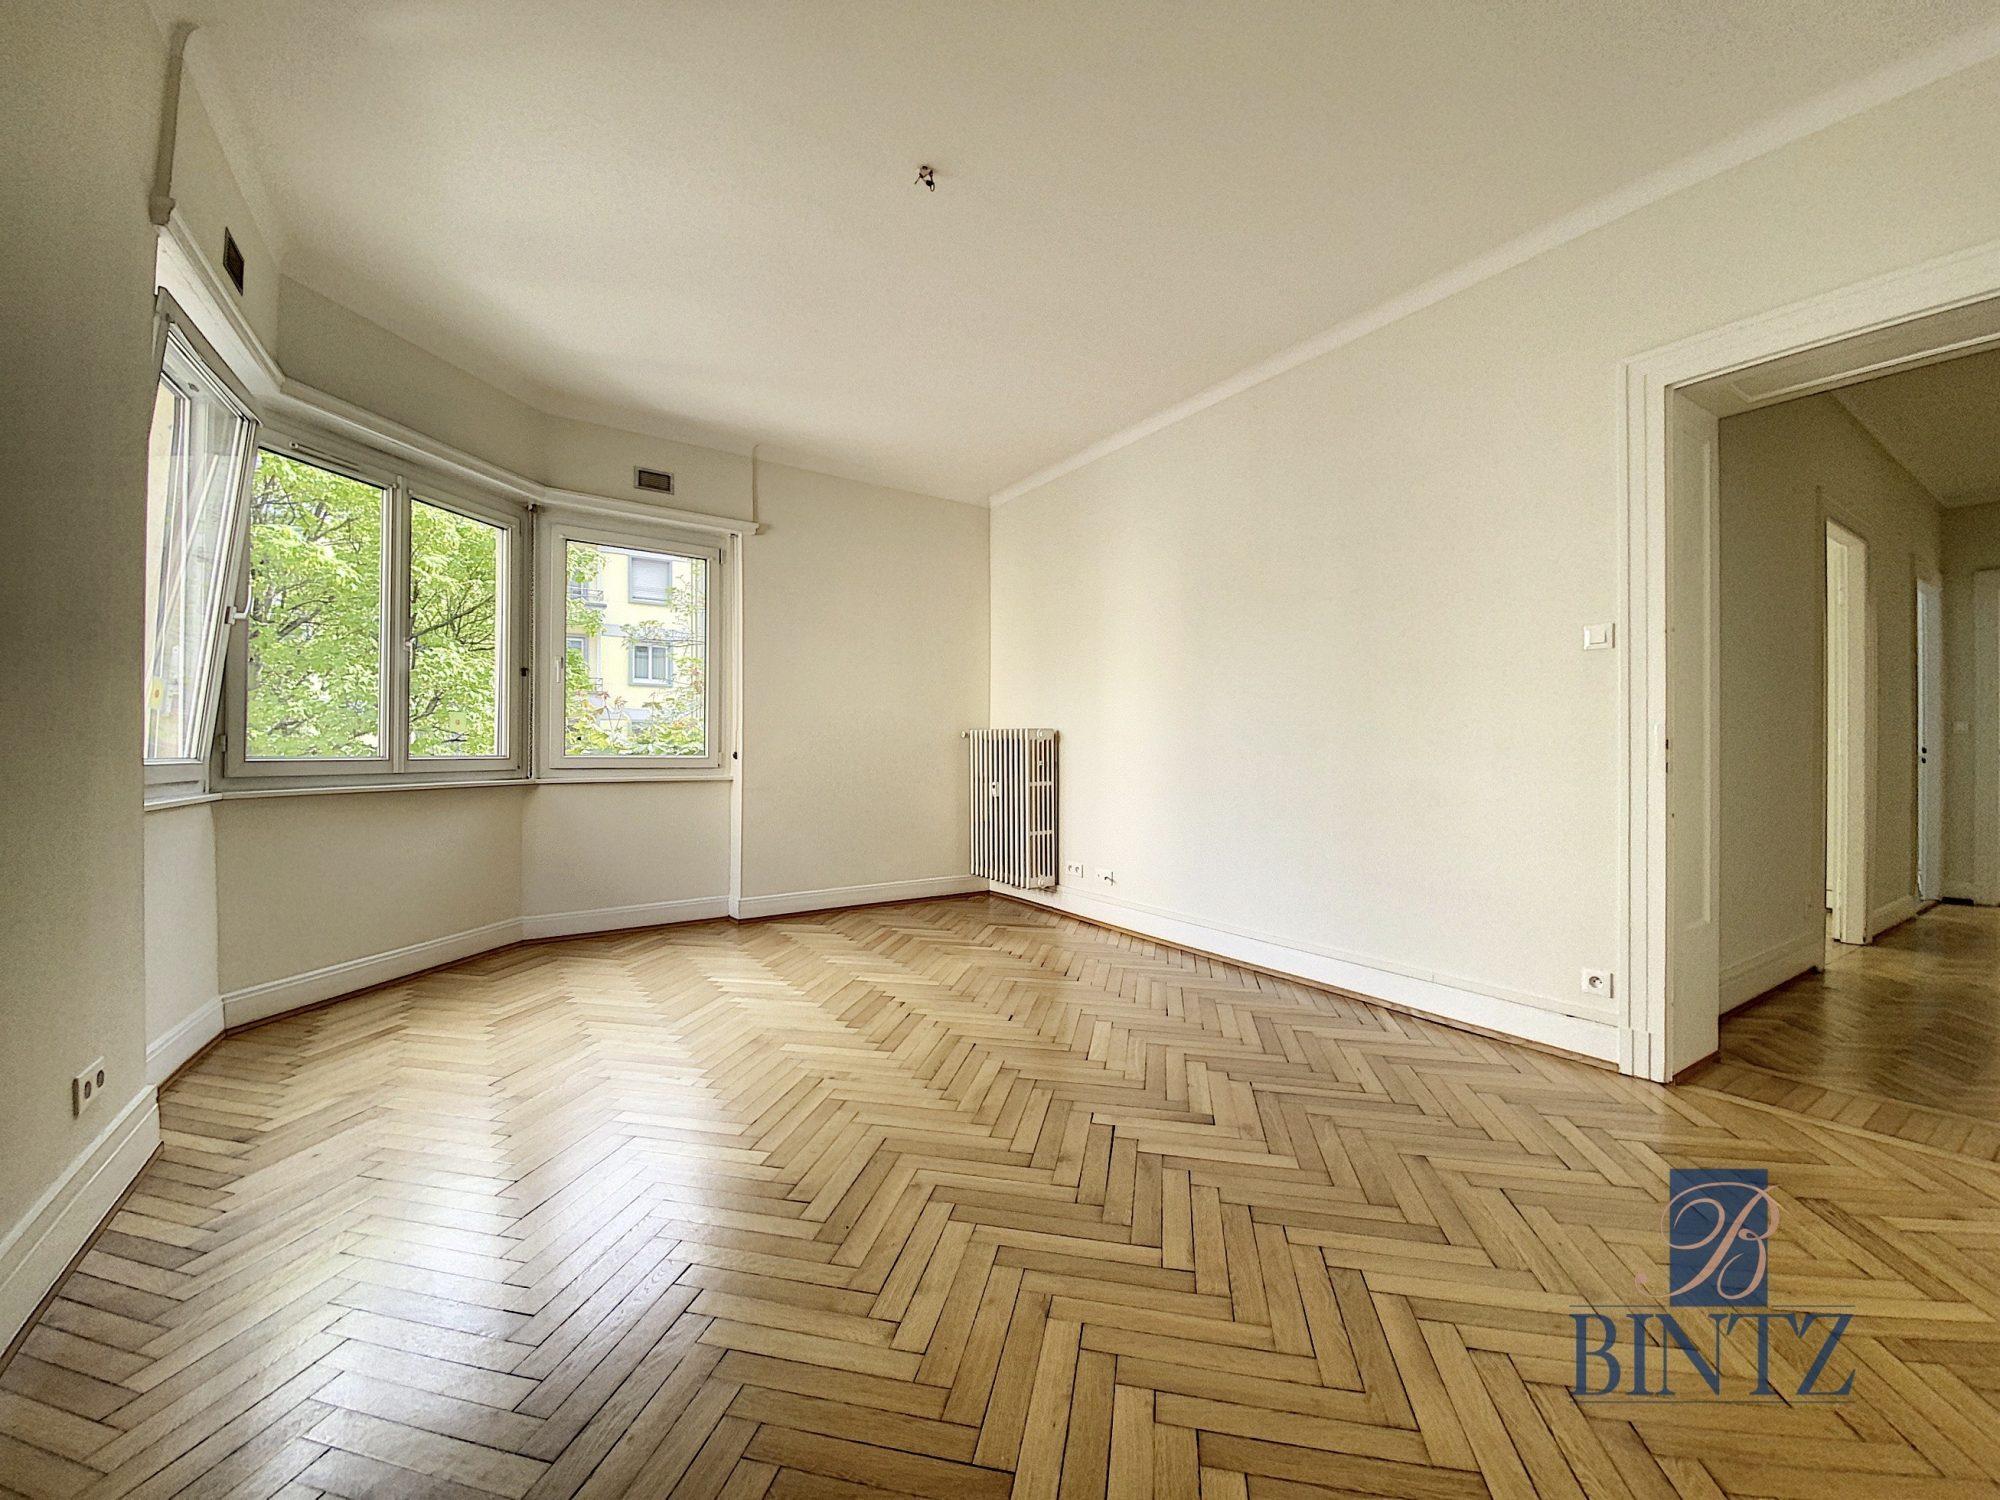 DEUX PIECES RENOVE ORANGERIE - Devenez locataire en toute sérénité - Bintz Immobilier - 1